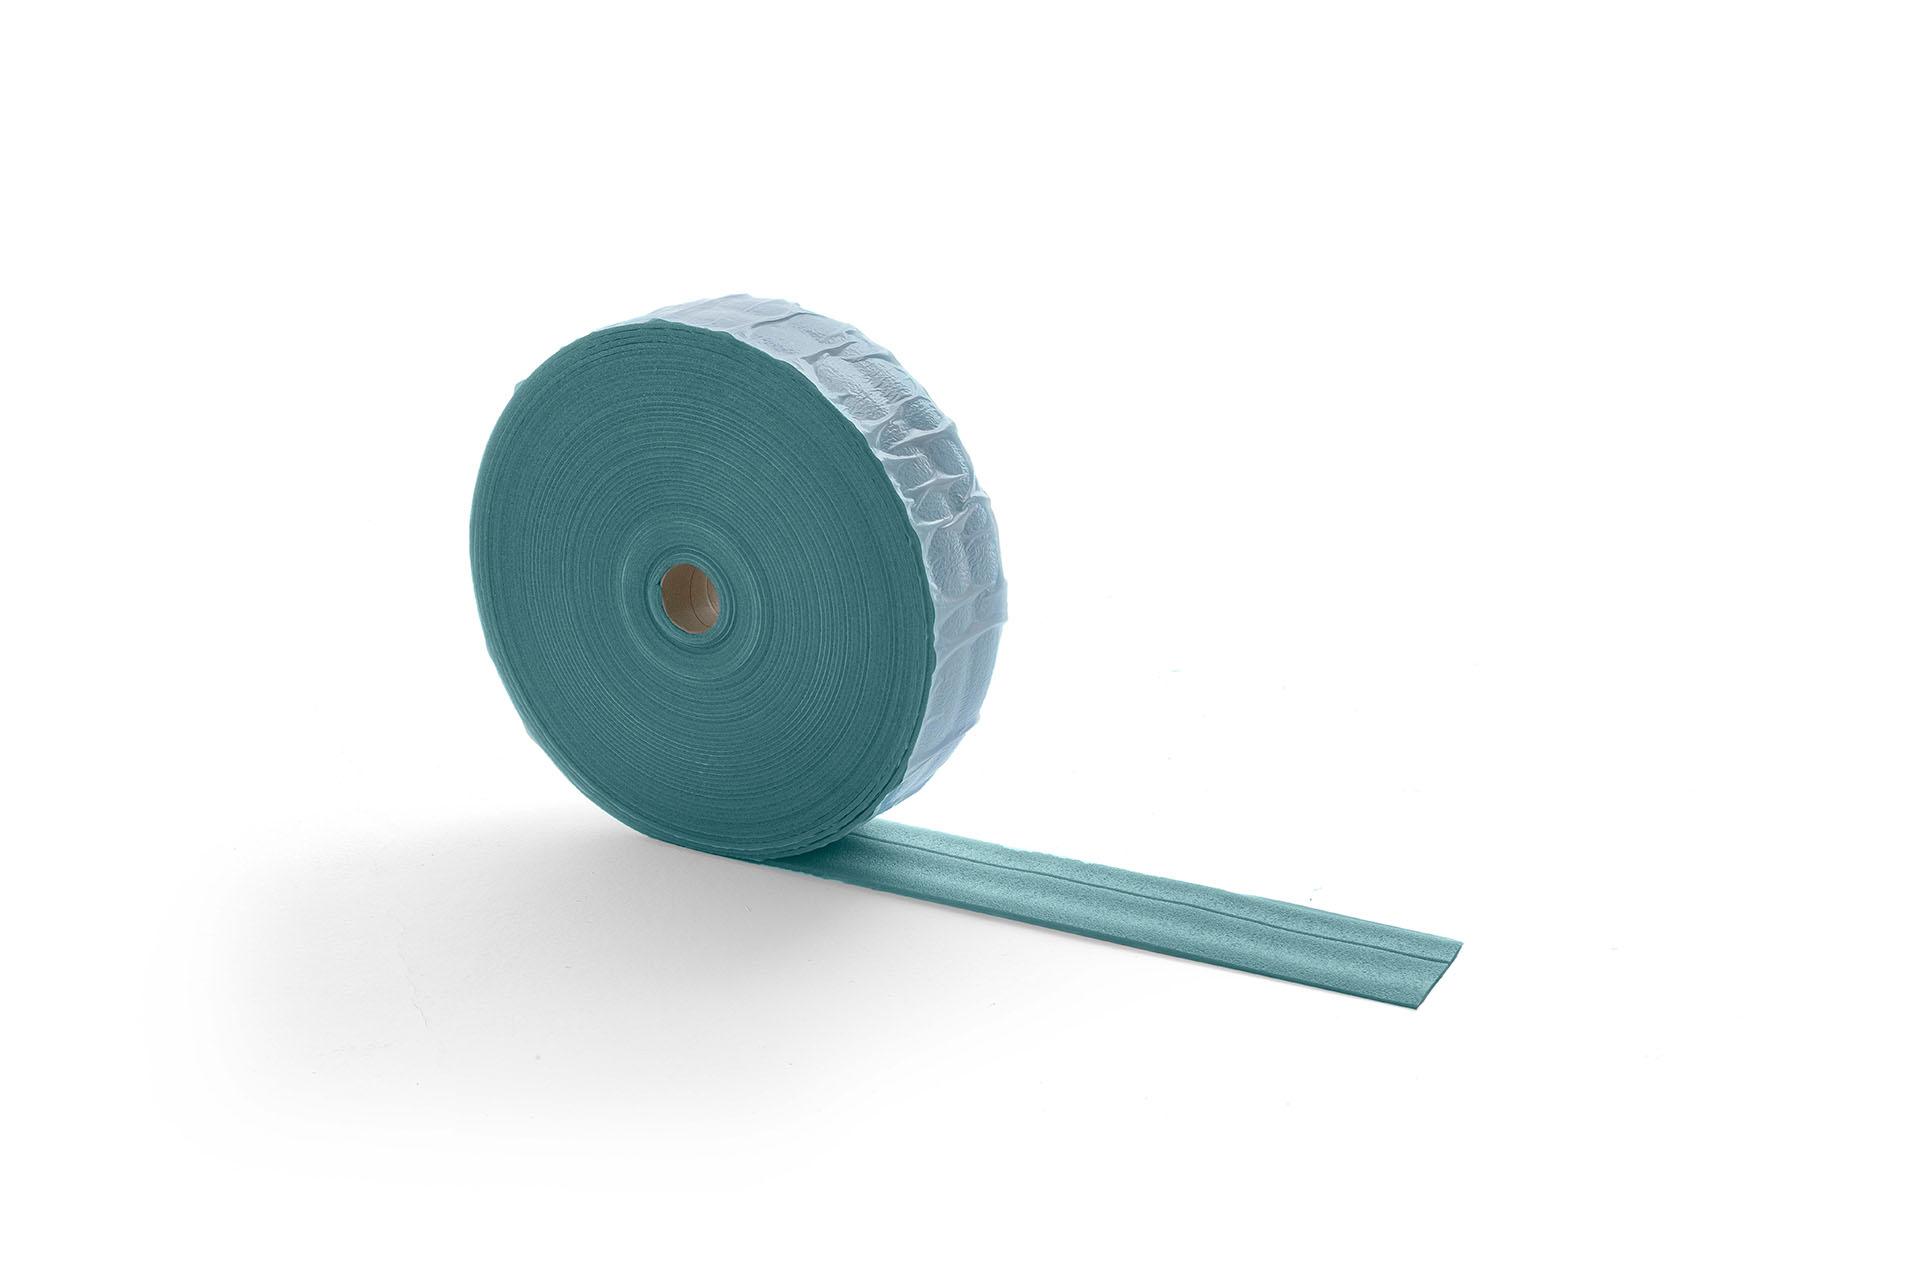 Self-adhesive insulating perimeter band